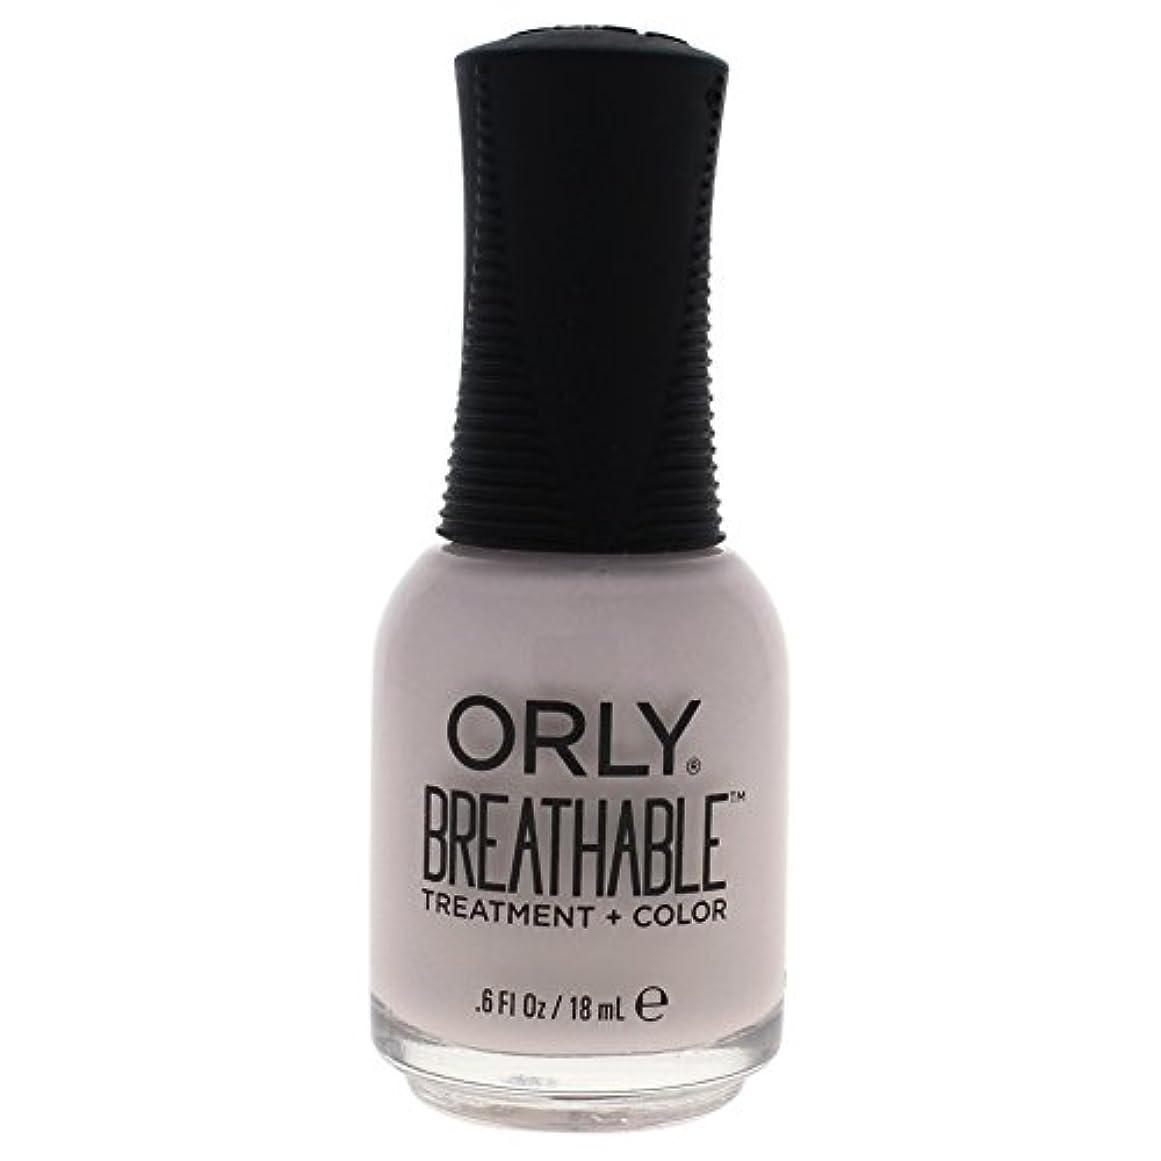 飢饉招待家Orly Breathable Treatment + Color Nail Lacquer - Light as a Feather - 0.6oz / 18ml